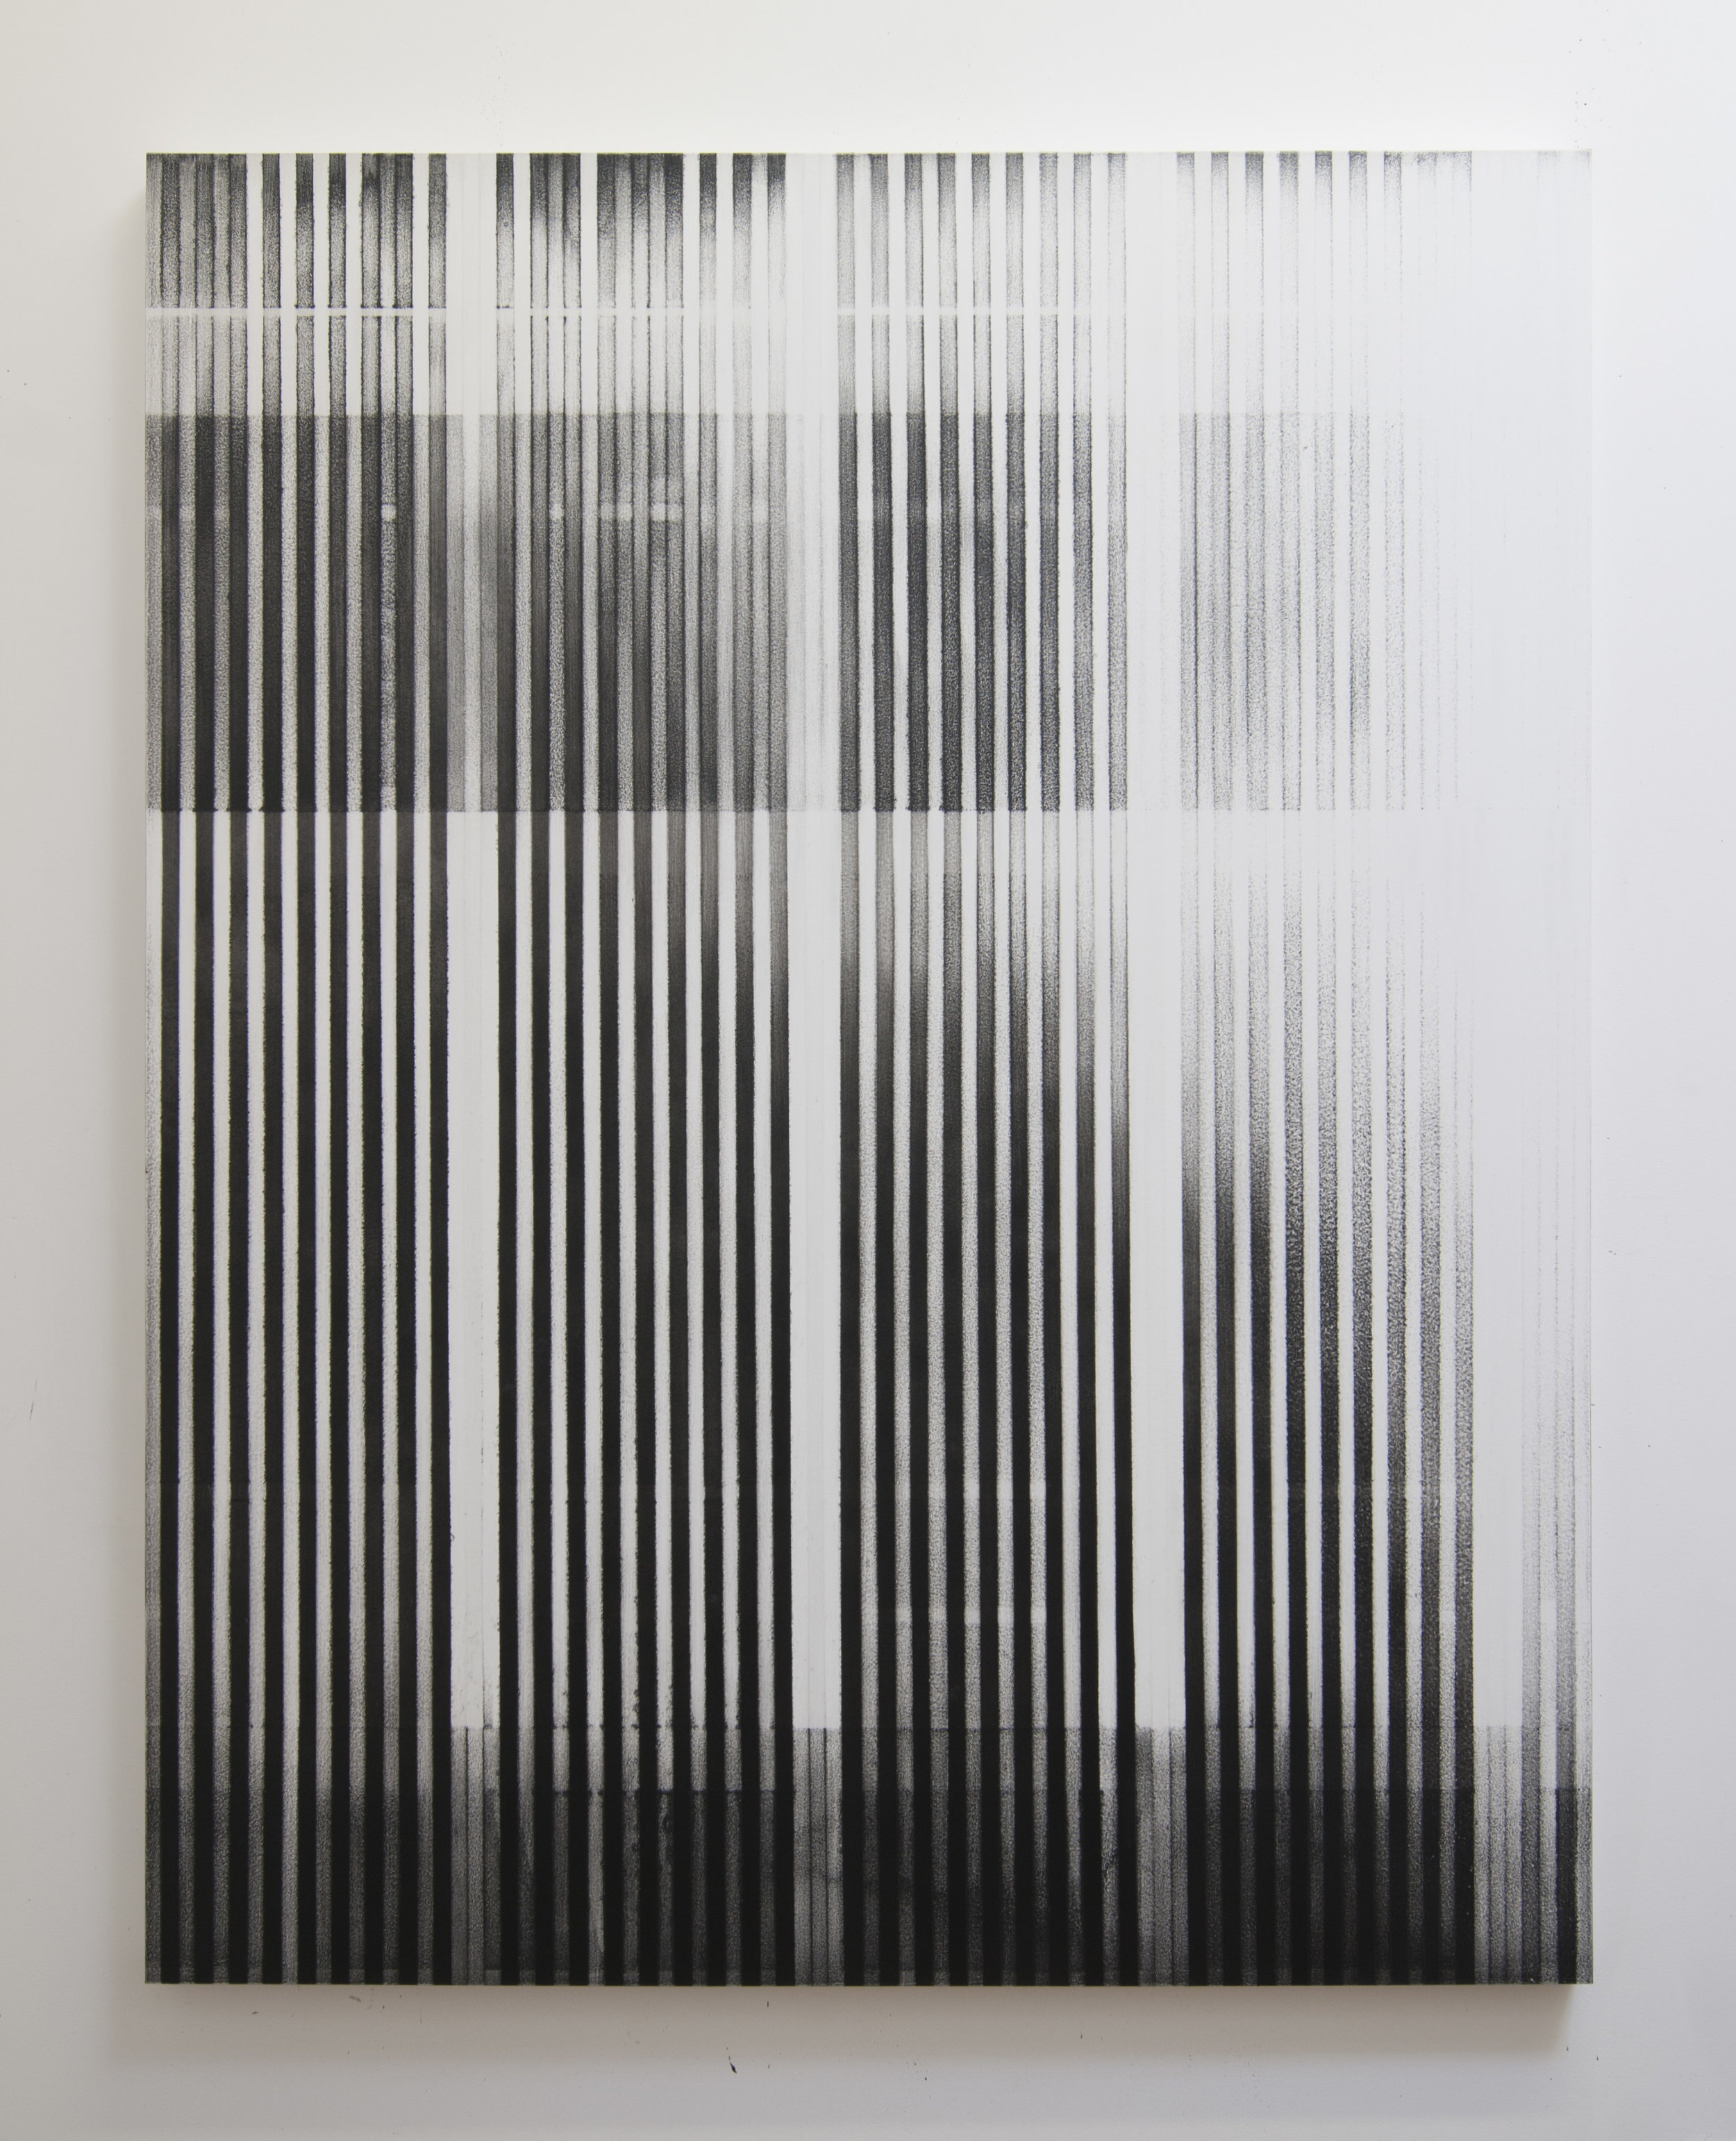 Slow Bleed, 2014  Acrylic on panel, 56 x 44 inches